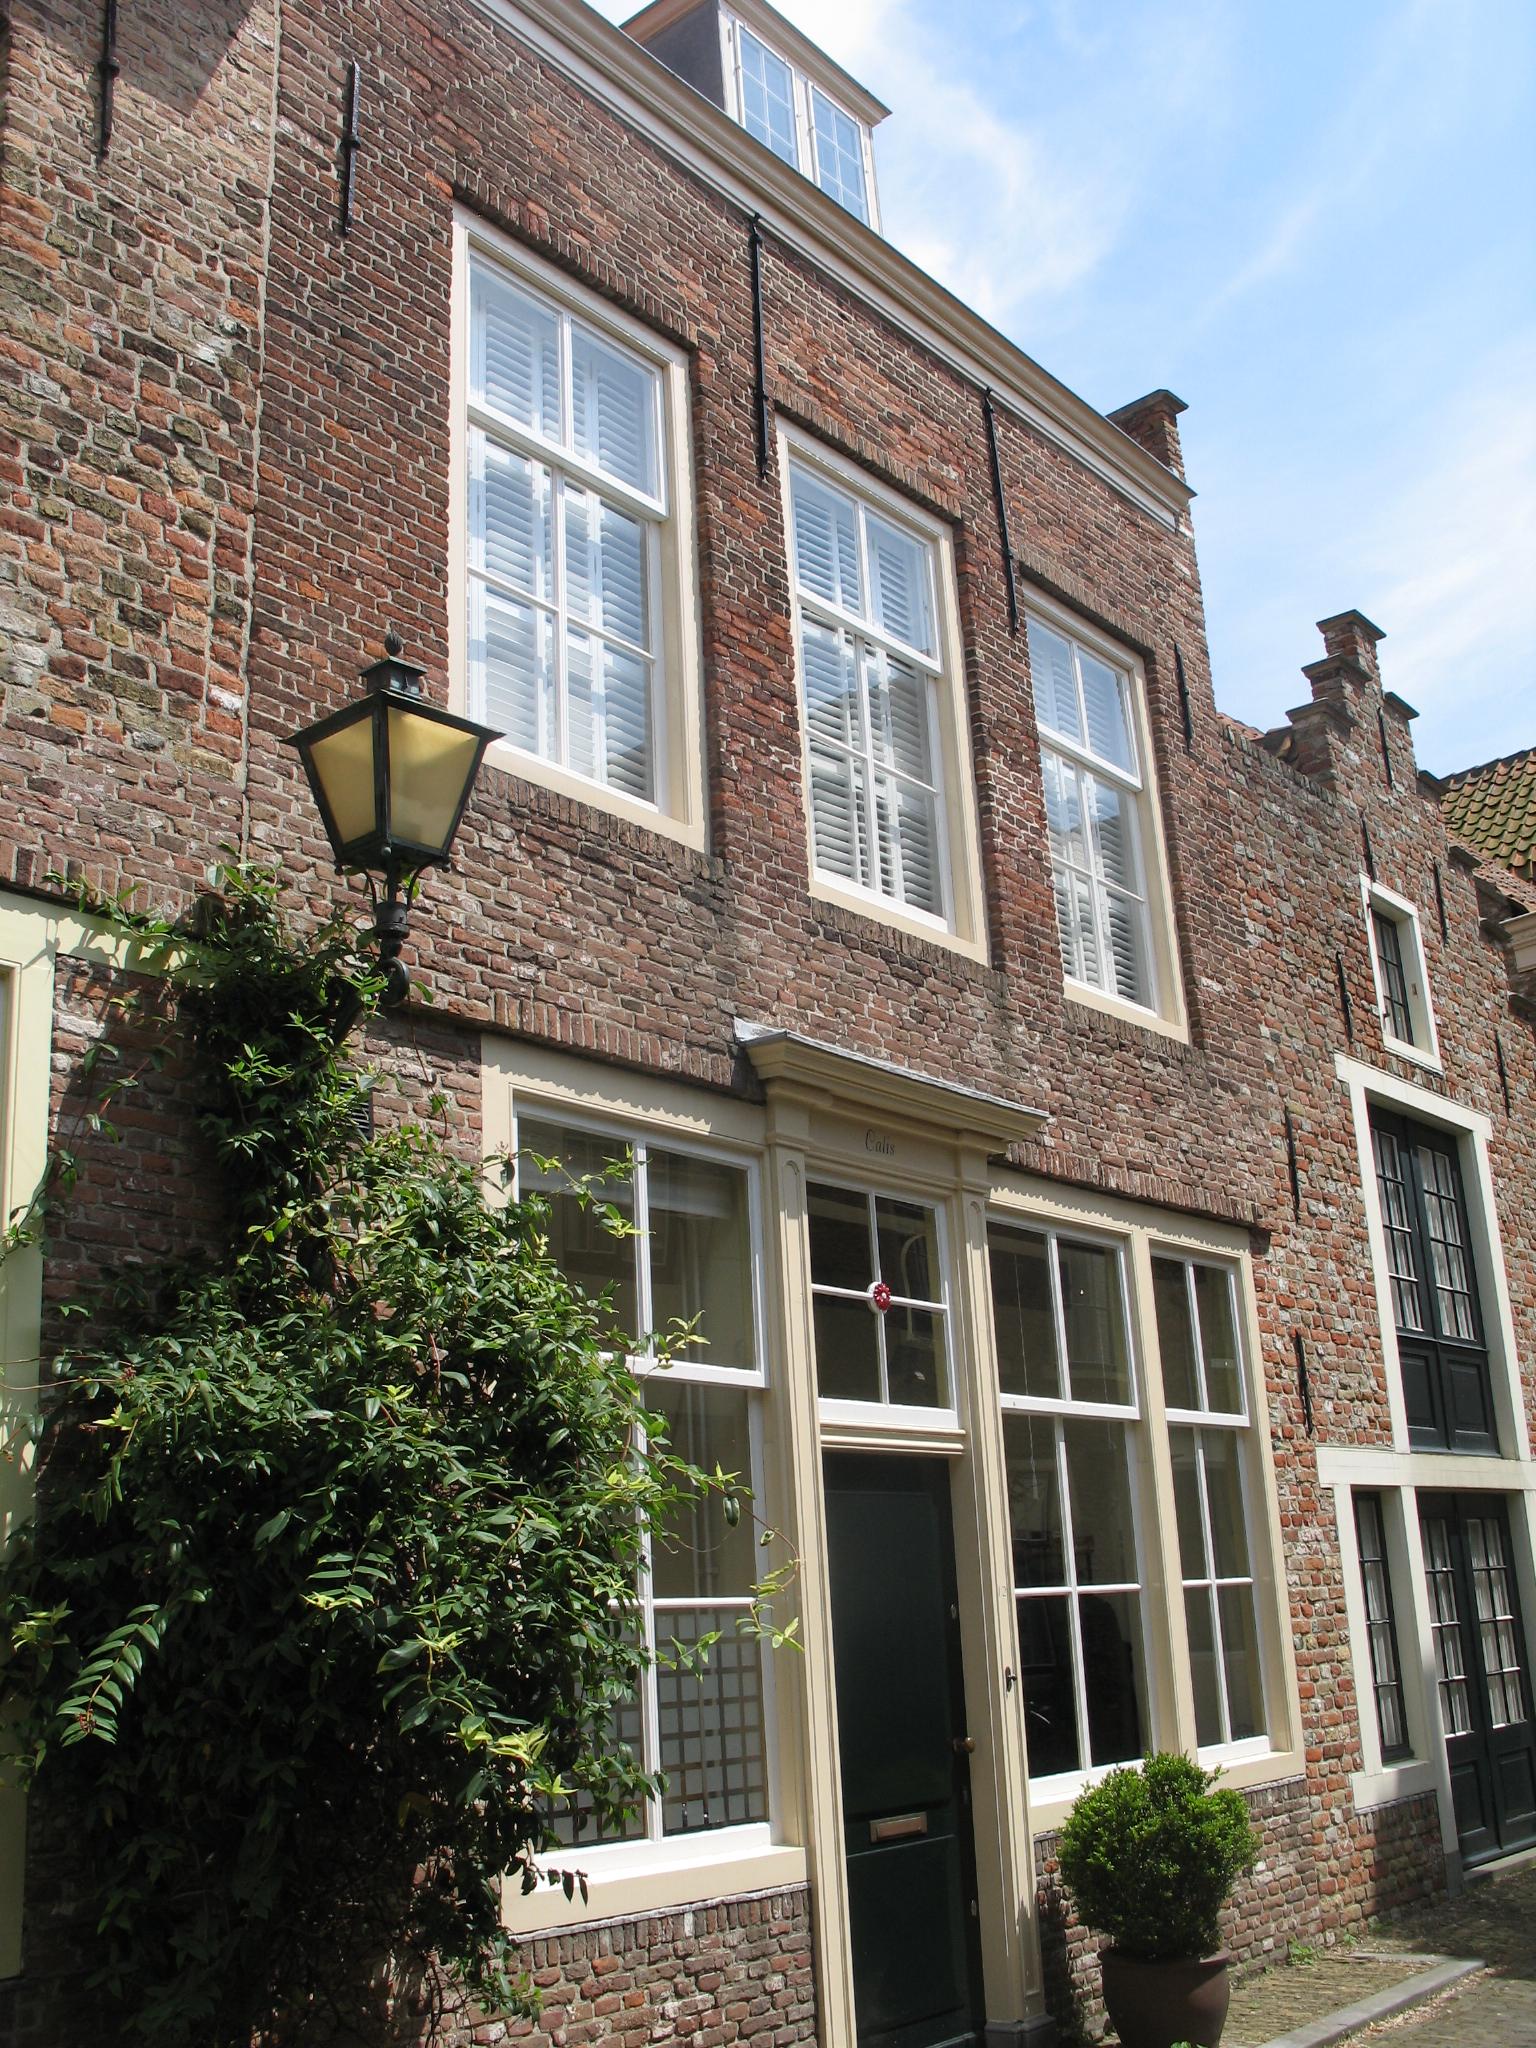 Huis met rechte gevel in middelburg monument - Provencaalse huis gevel ...